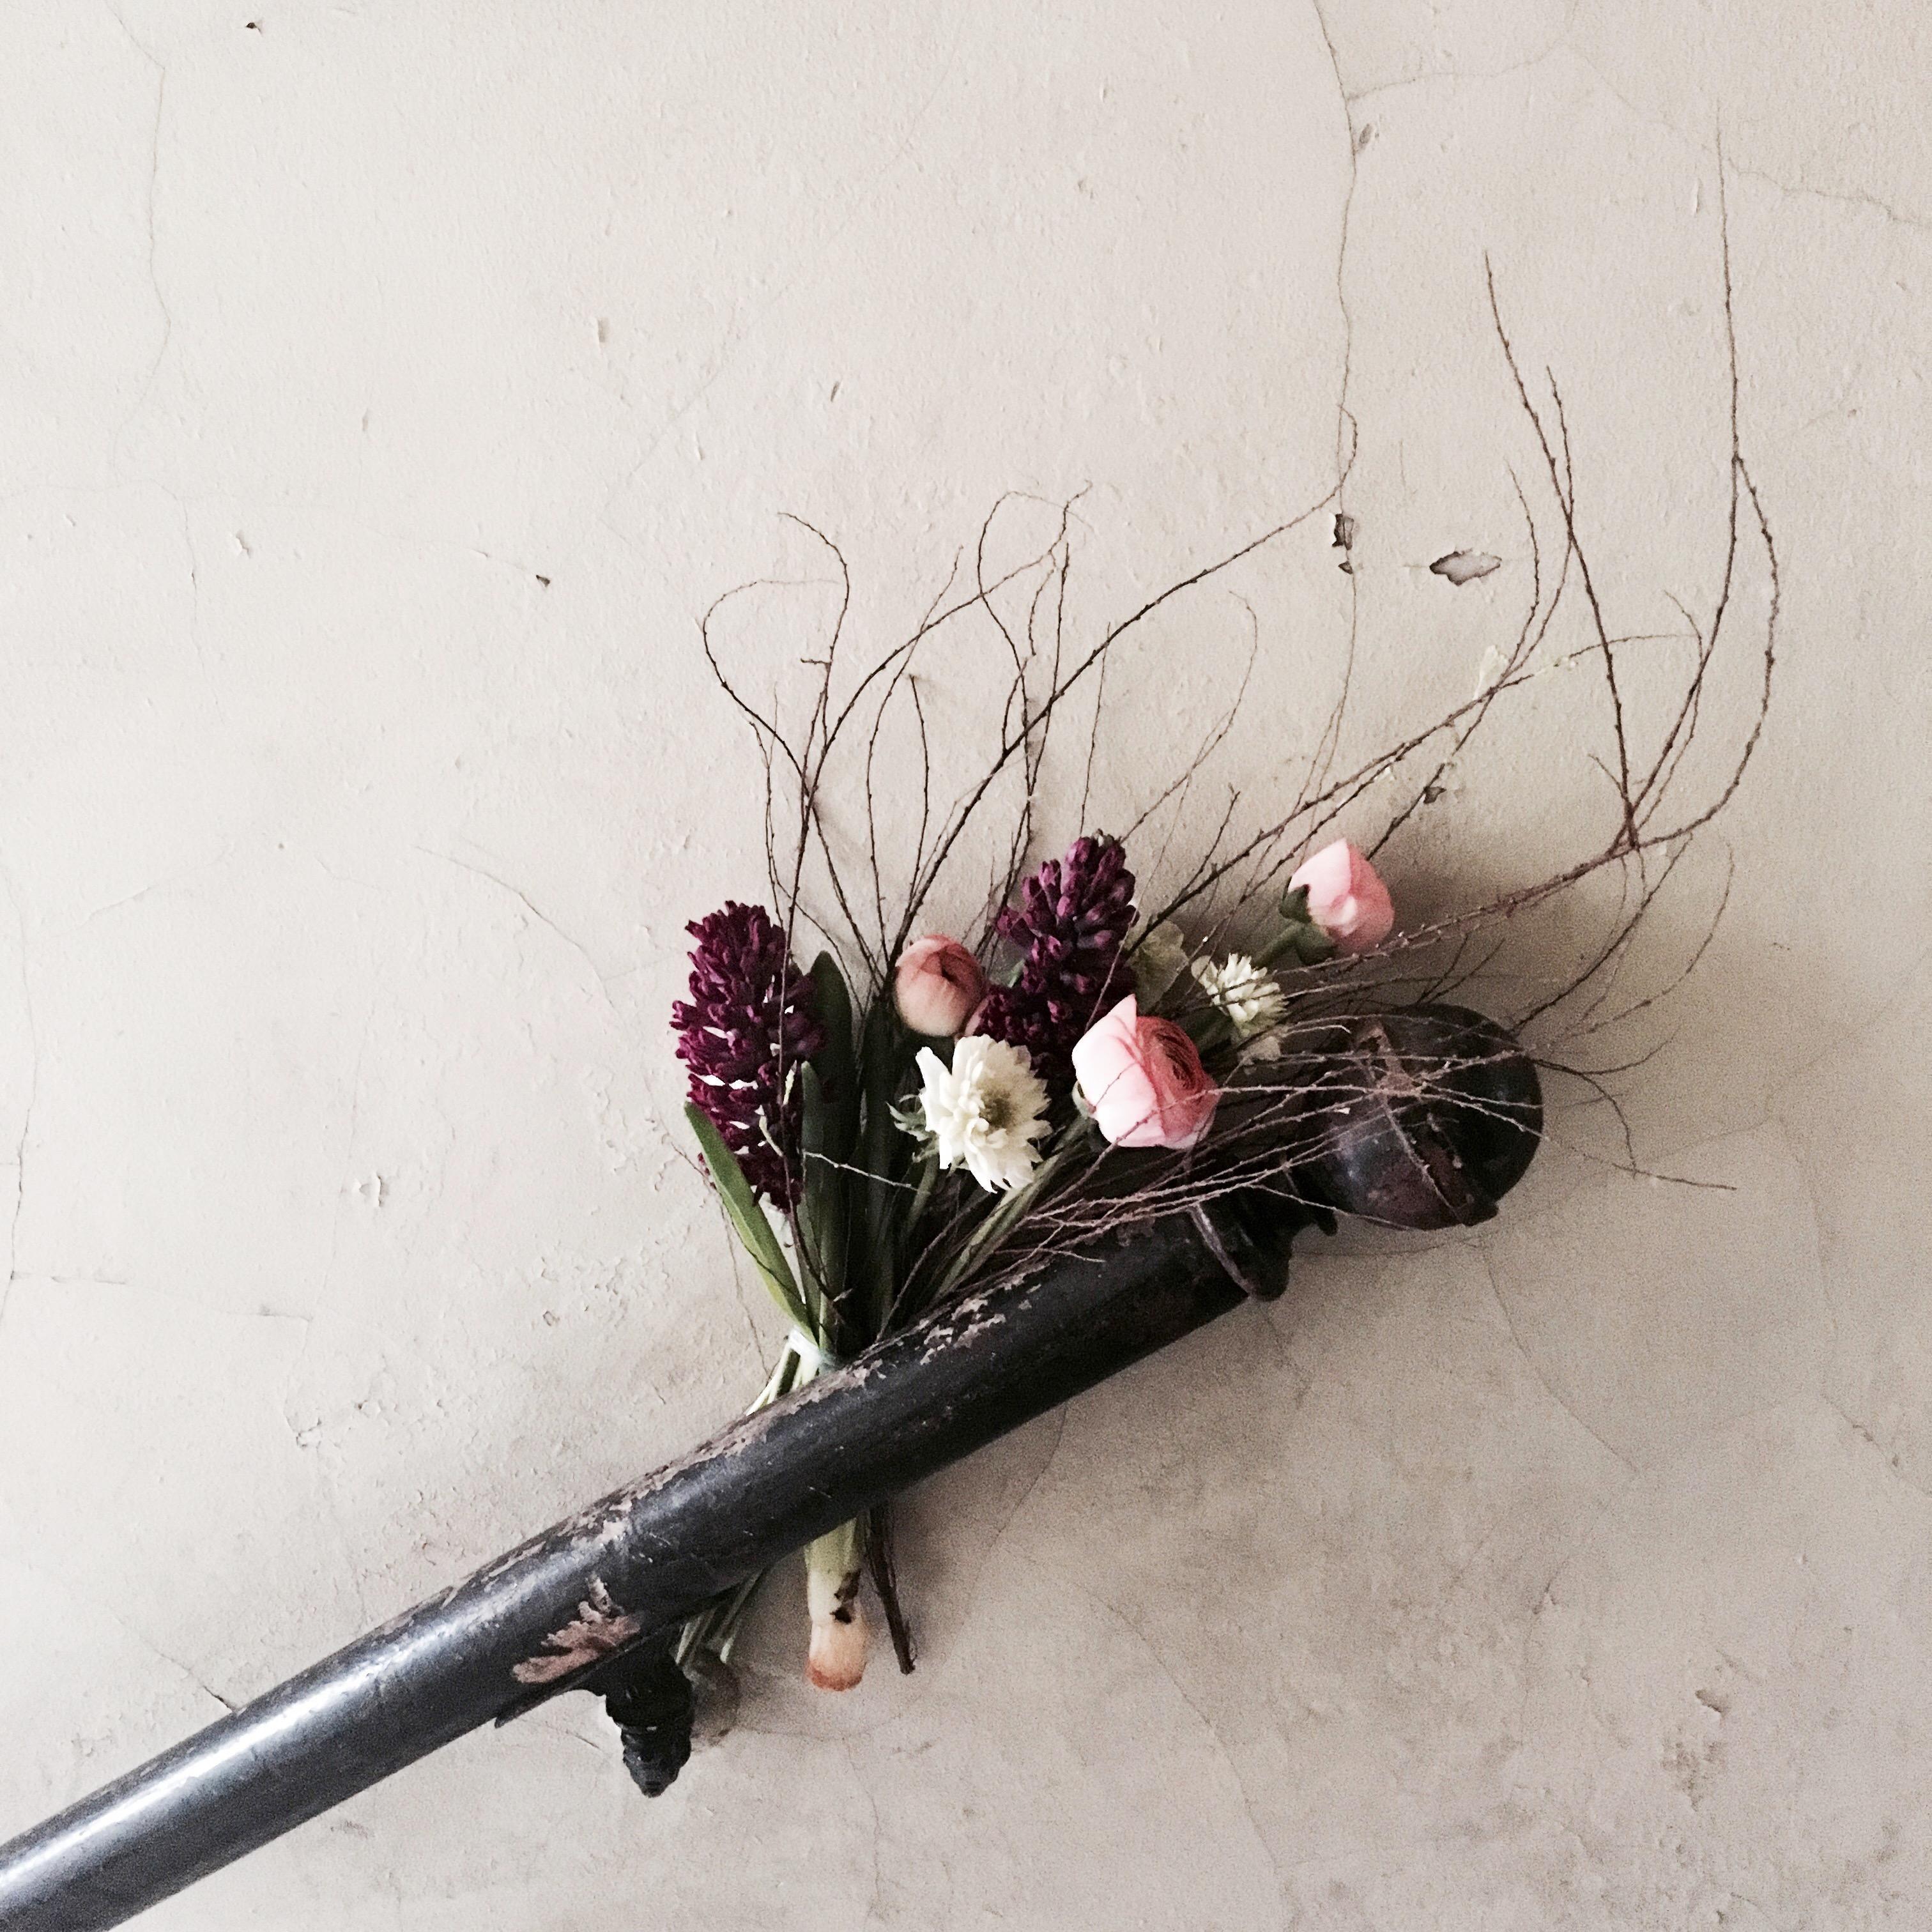 #frühlingsblumen #ranunkeln #anemonen #hyazinthen #zweige #treppenhaus